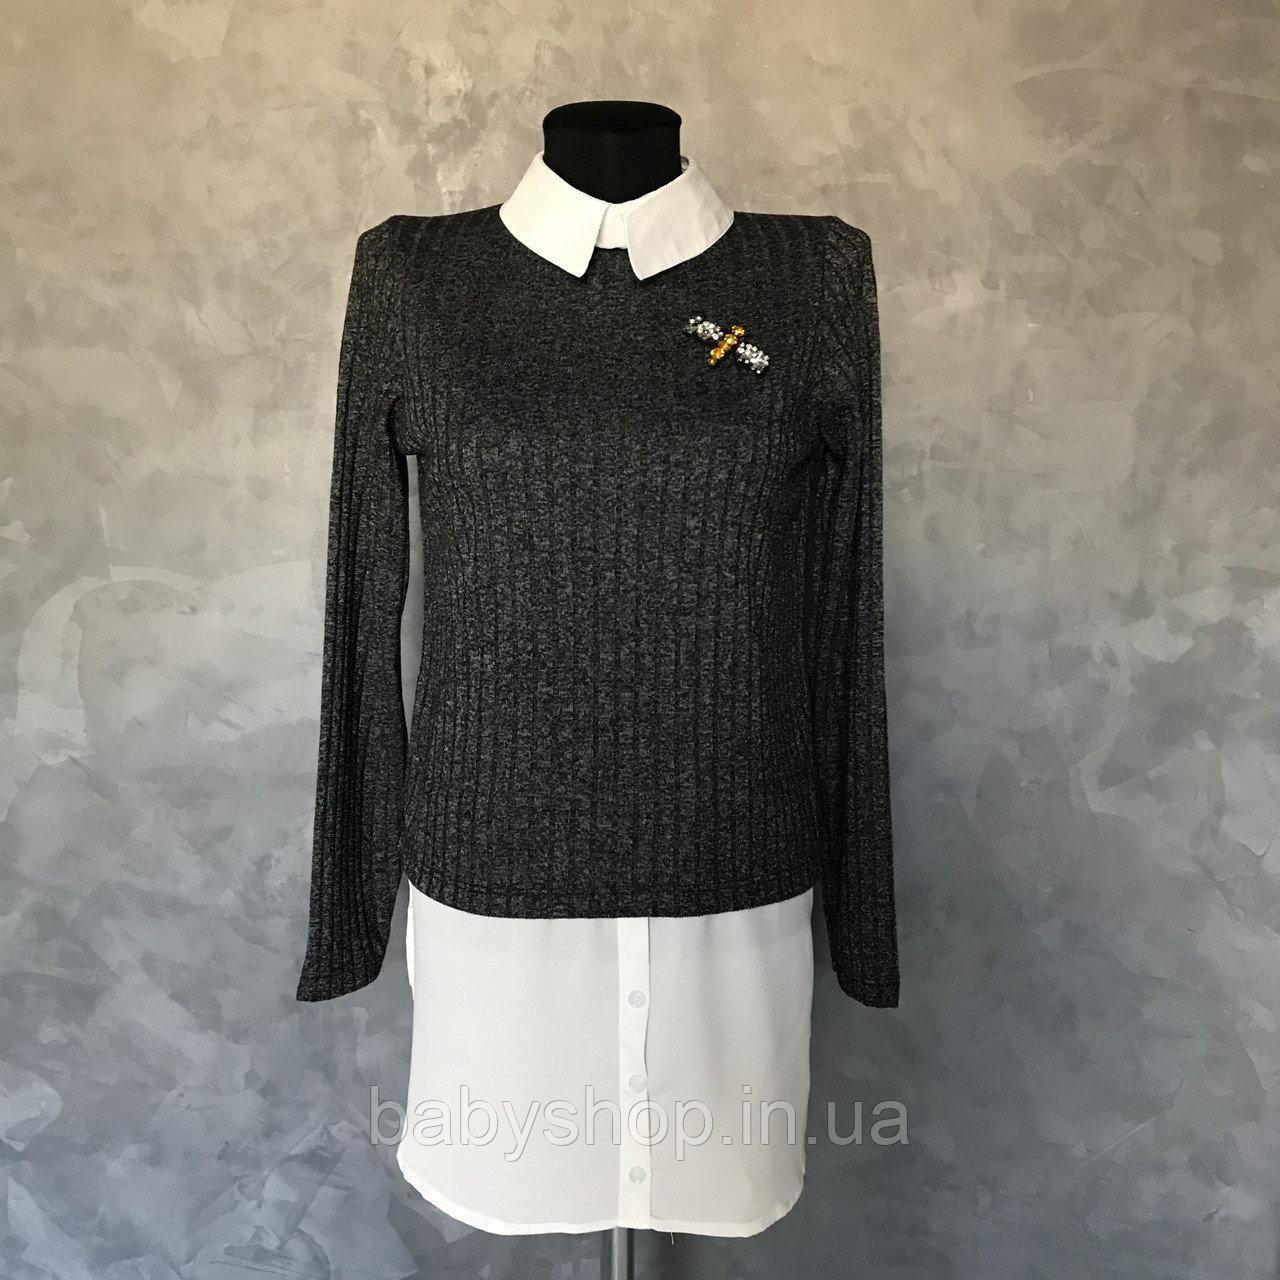 Женский свитер 1а. Размер S